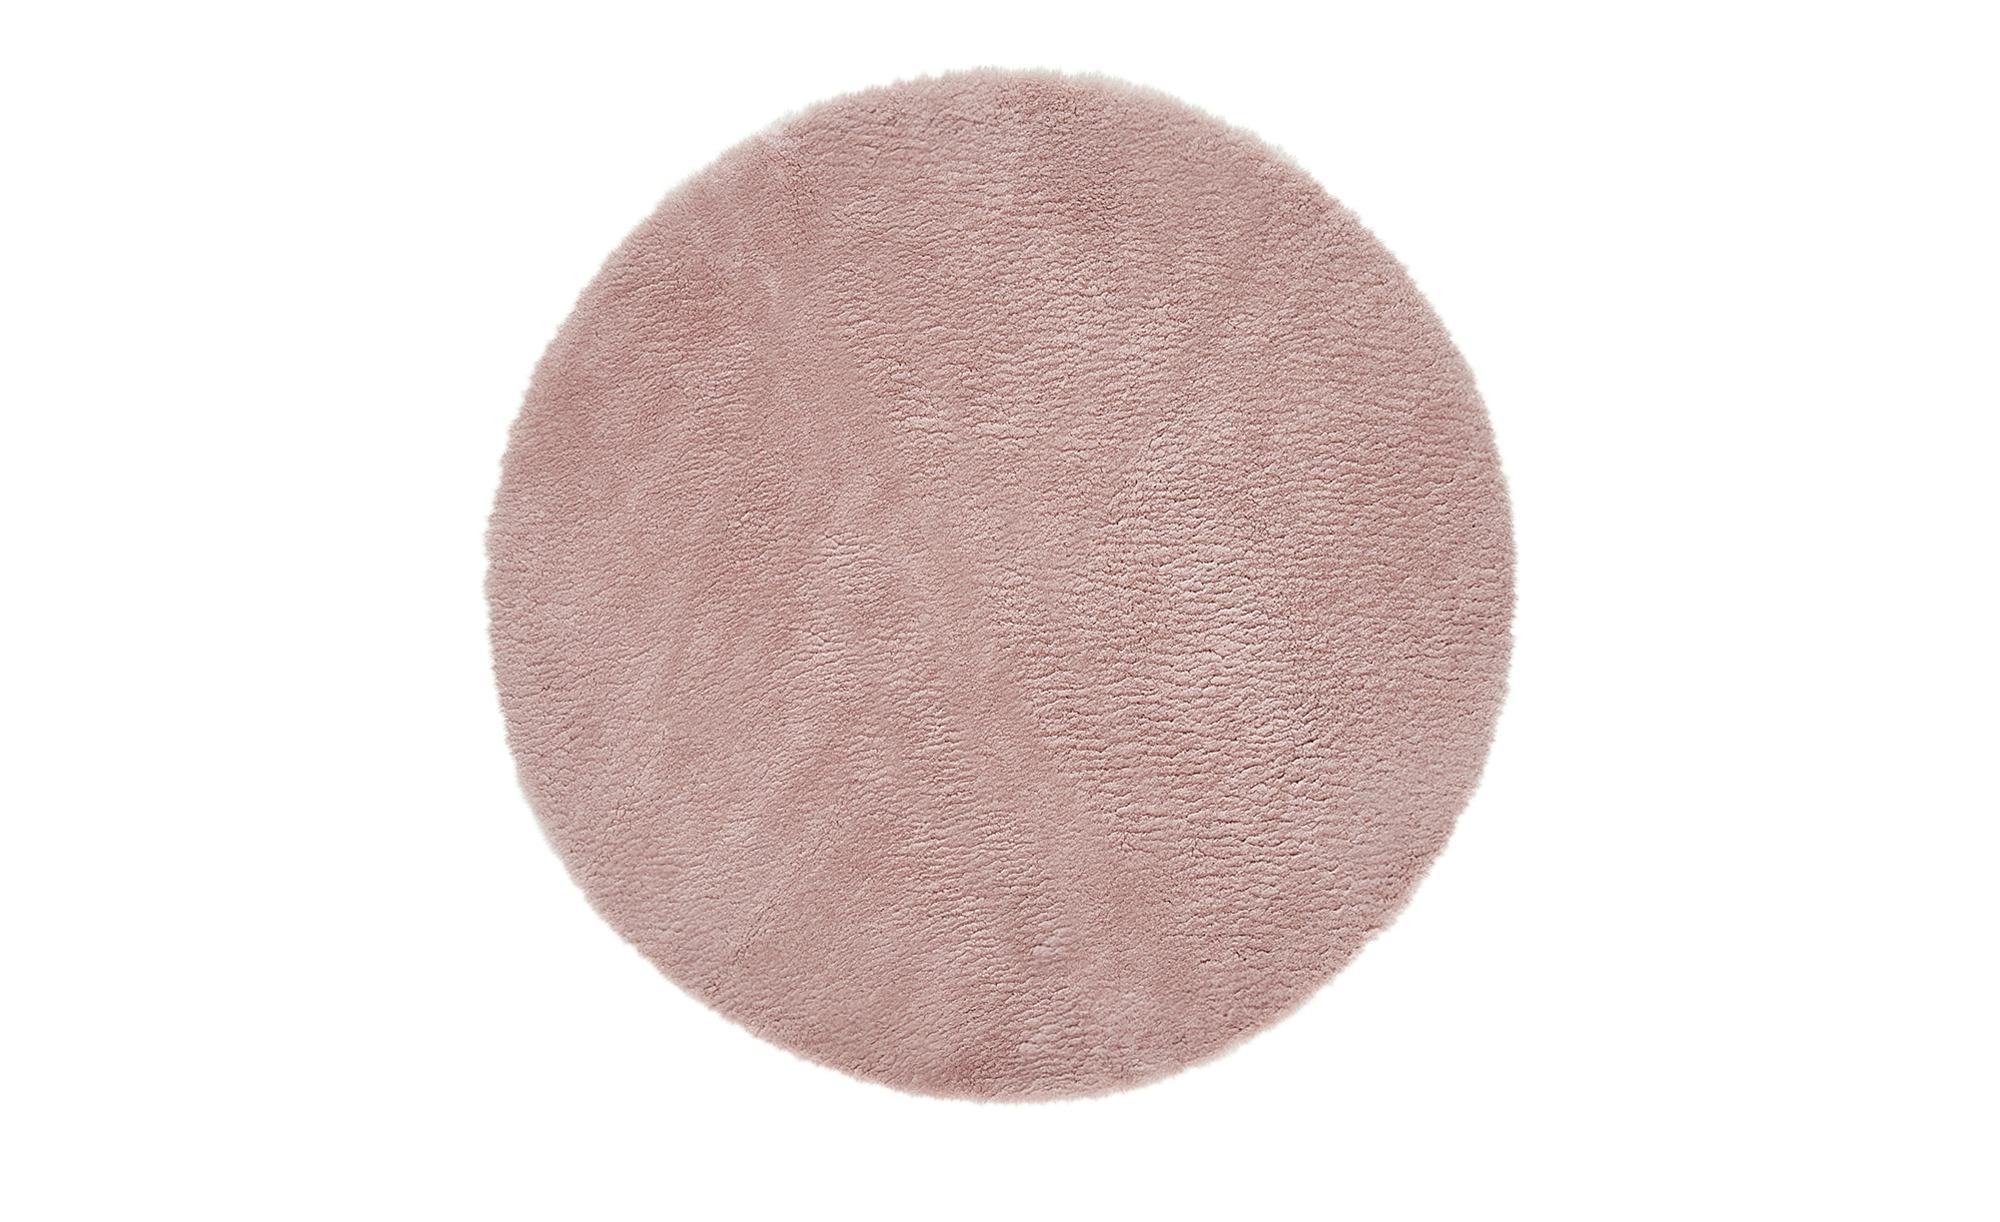 Kinderteppich  Lämmchen ¦ rosa/pink ¦ 100 % Polyester, Suede-Rücken, Lammfellimitat, Synthethische FasernØ: [120.0] Teppiche > Kinderteppiche - Höffner